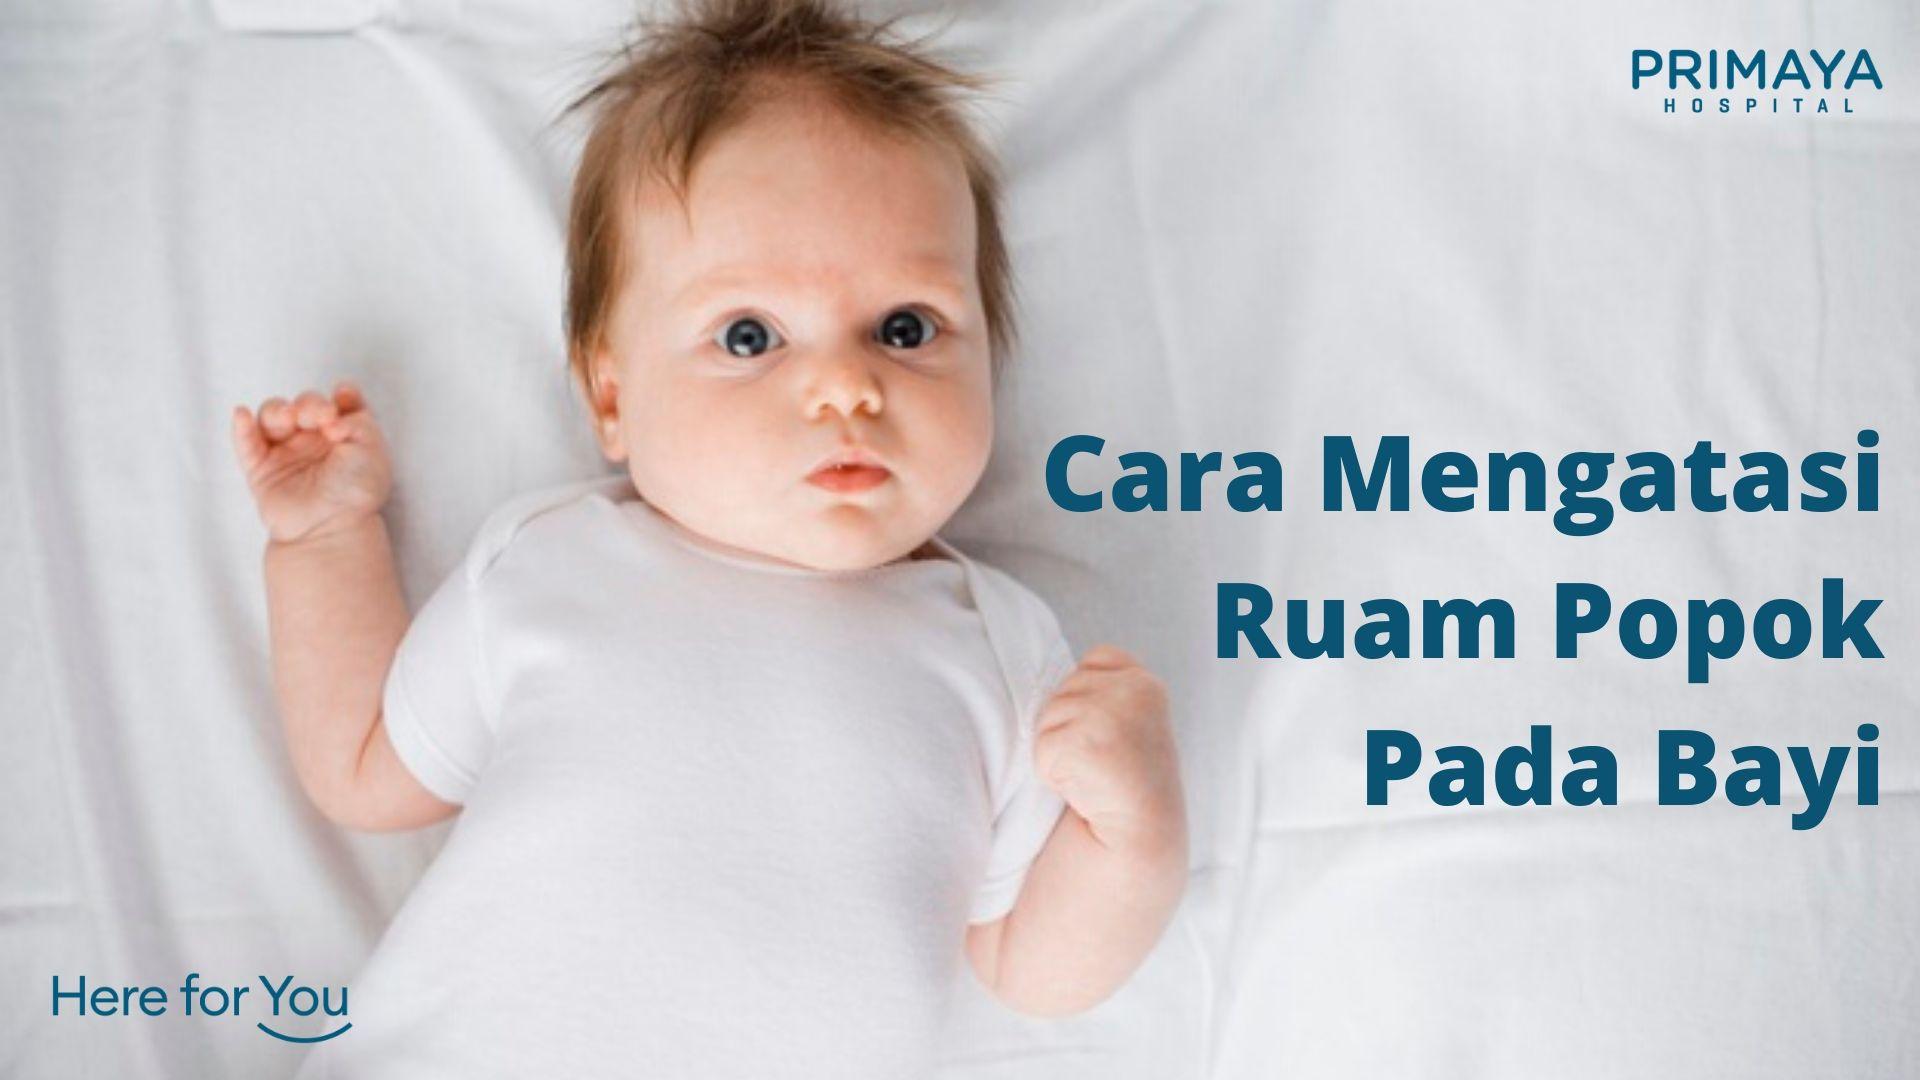 Seputar Ruam Popok Pada Bayi dan Anak